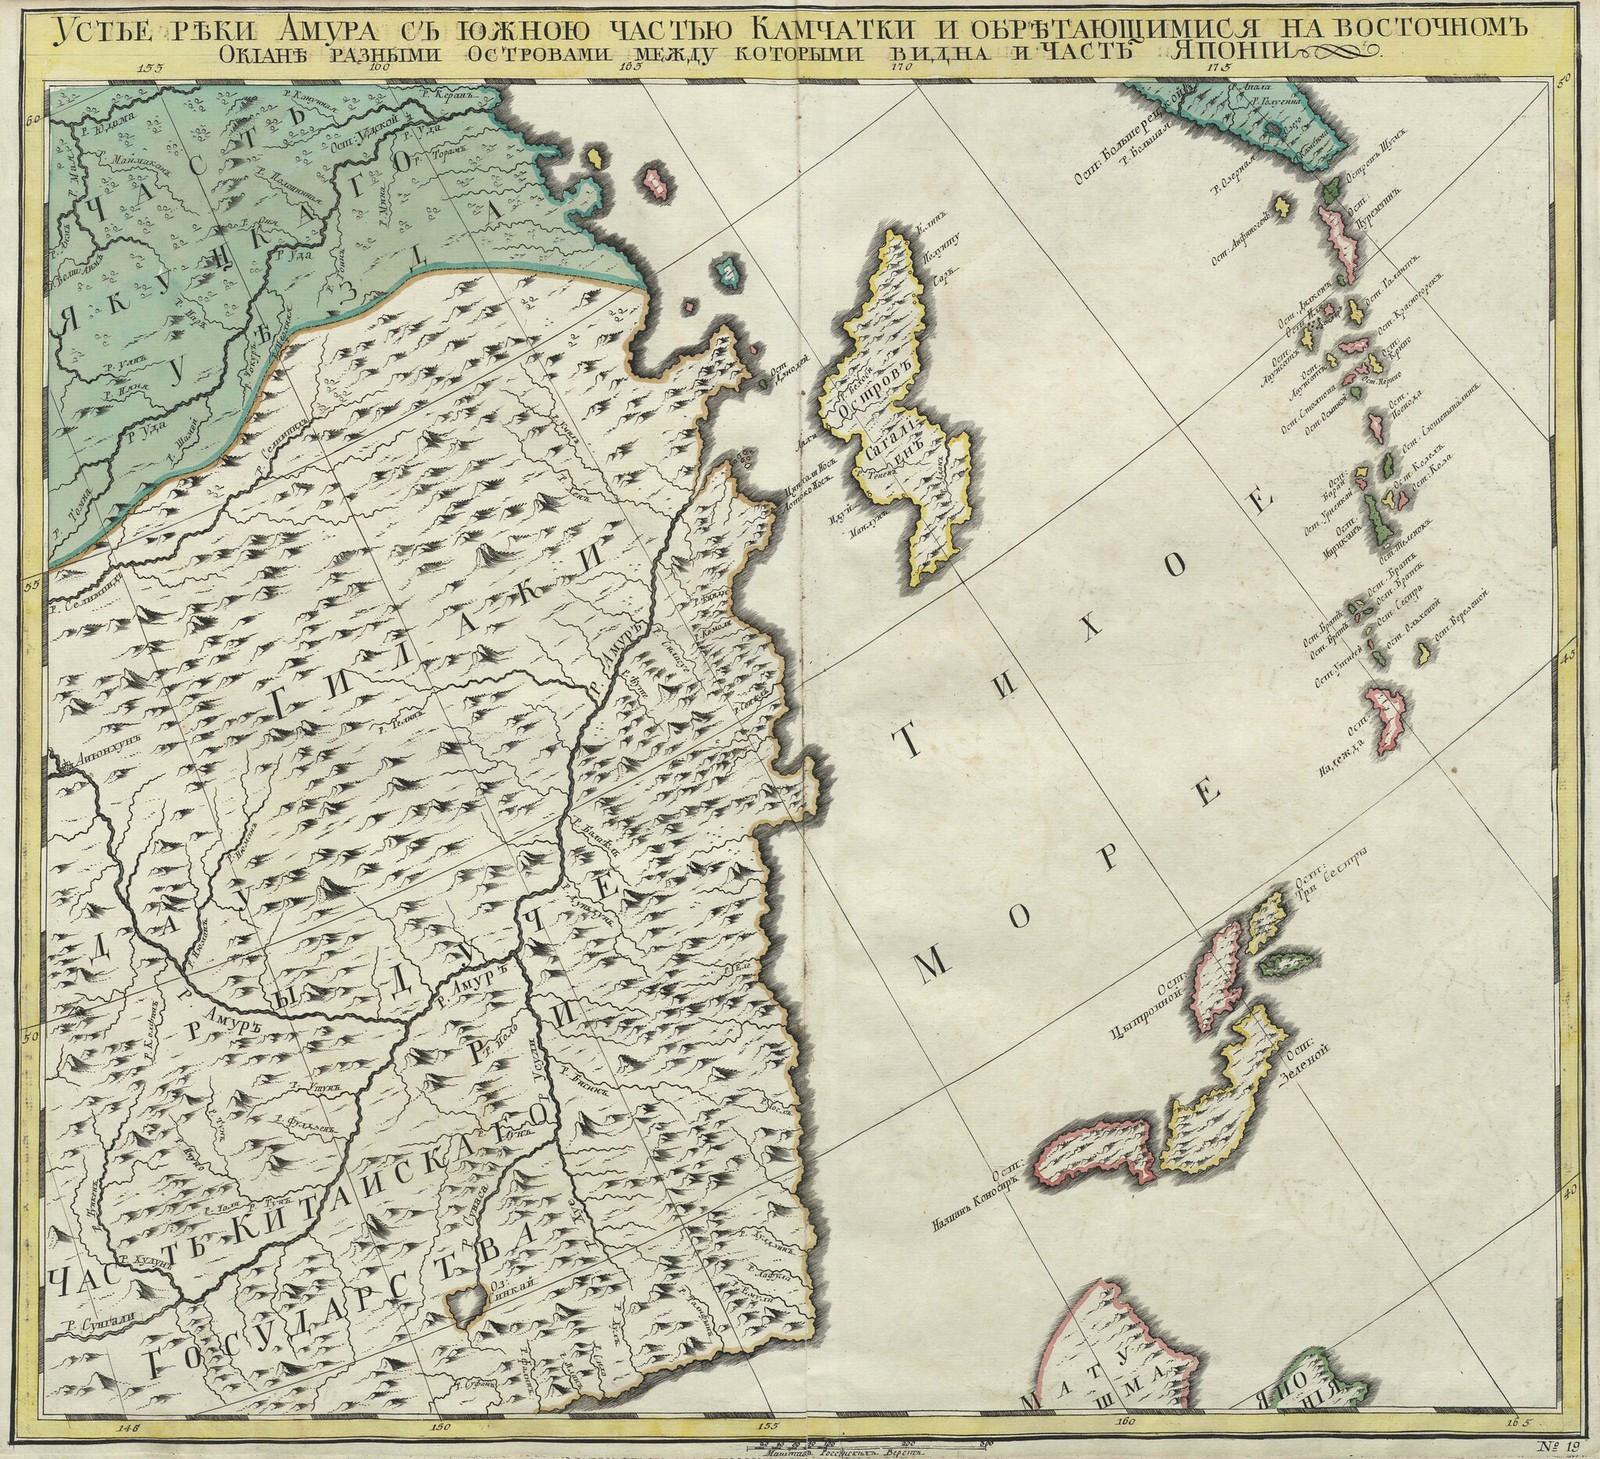 39. Устье реки Амура с южной частью Камчатки и находящимися на Восточном океане разными островами между которыми видна и часть Японии